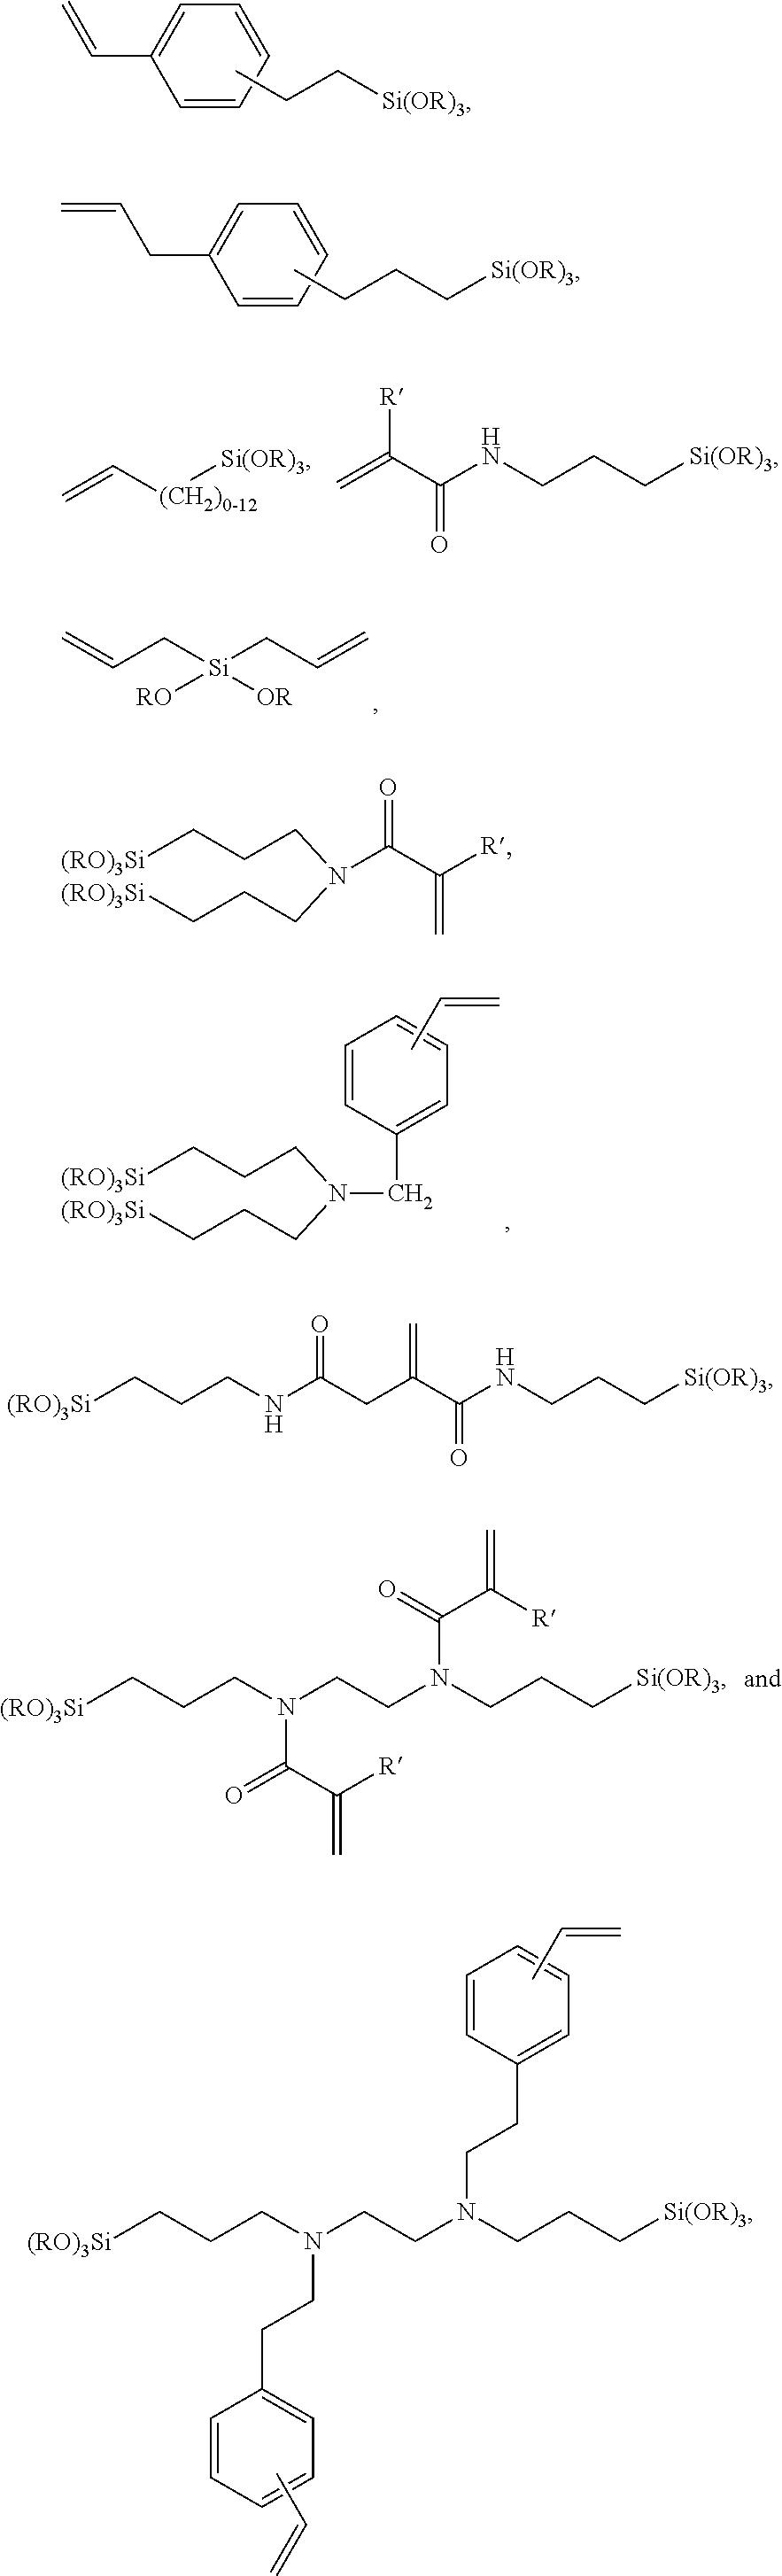 Figure US09546257-20170117-C00012